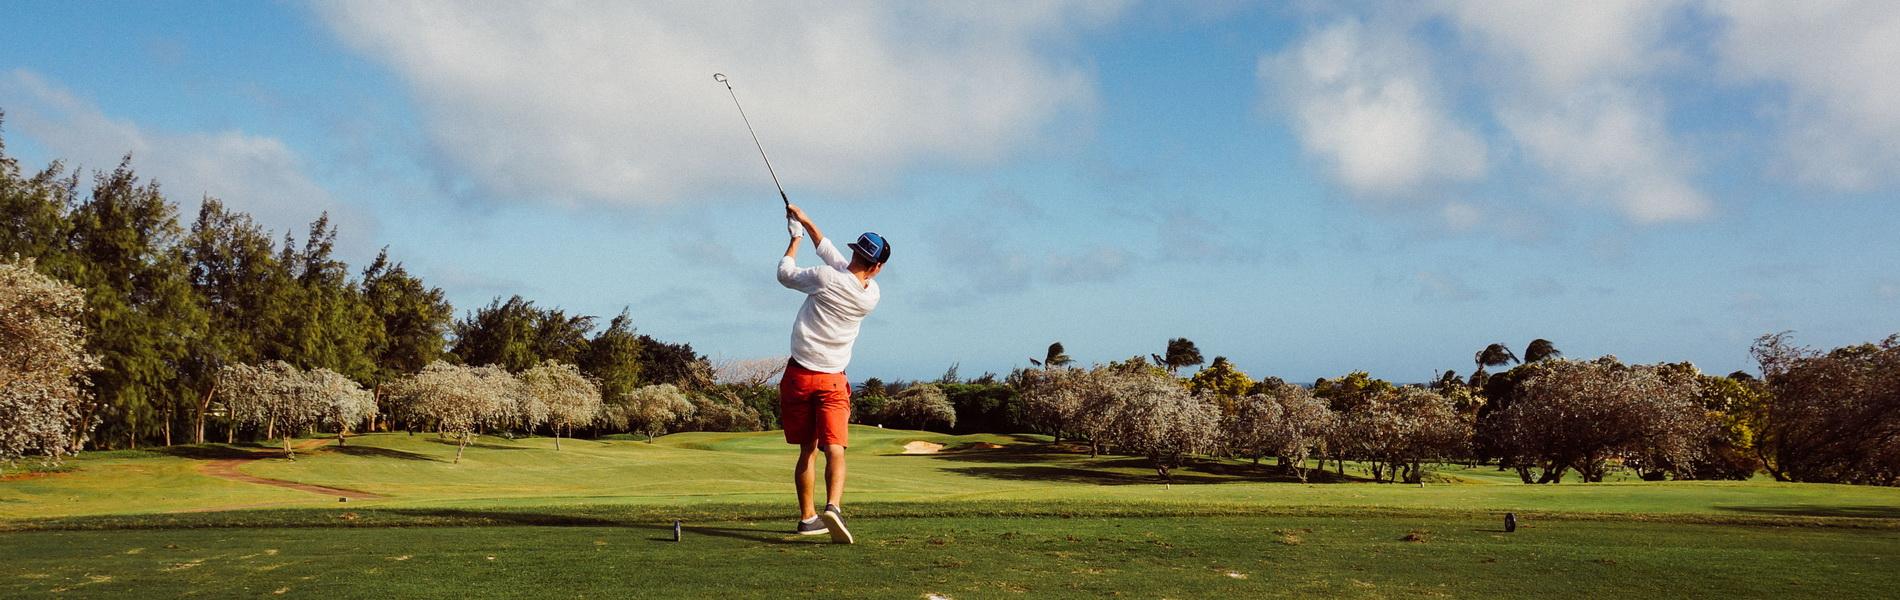 Golfer beim Abschlag, CC0 Creative Commons